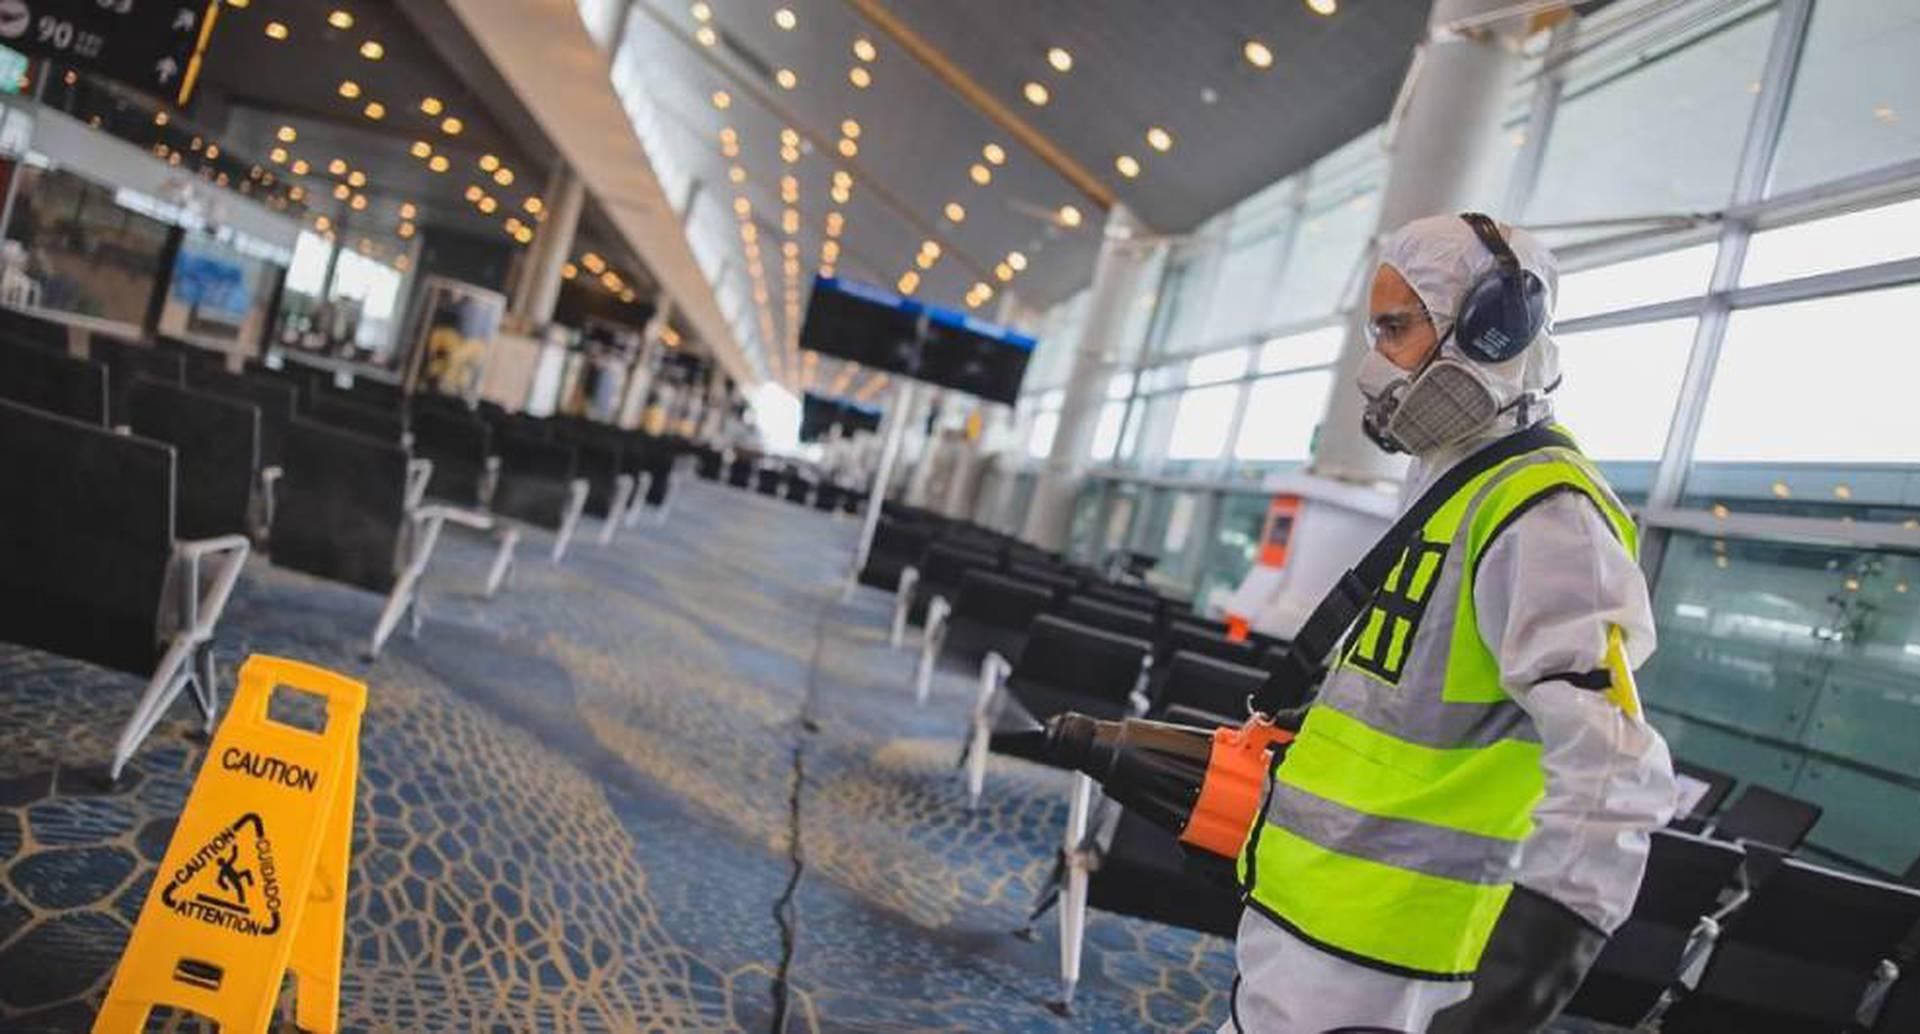 Aeropuerto El Dorado abriría en septiembre y otras 5 noticias para este martes